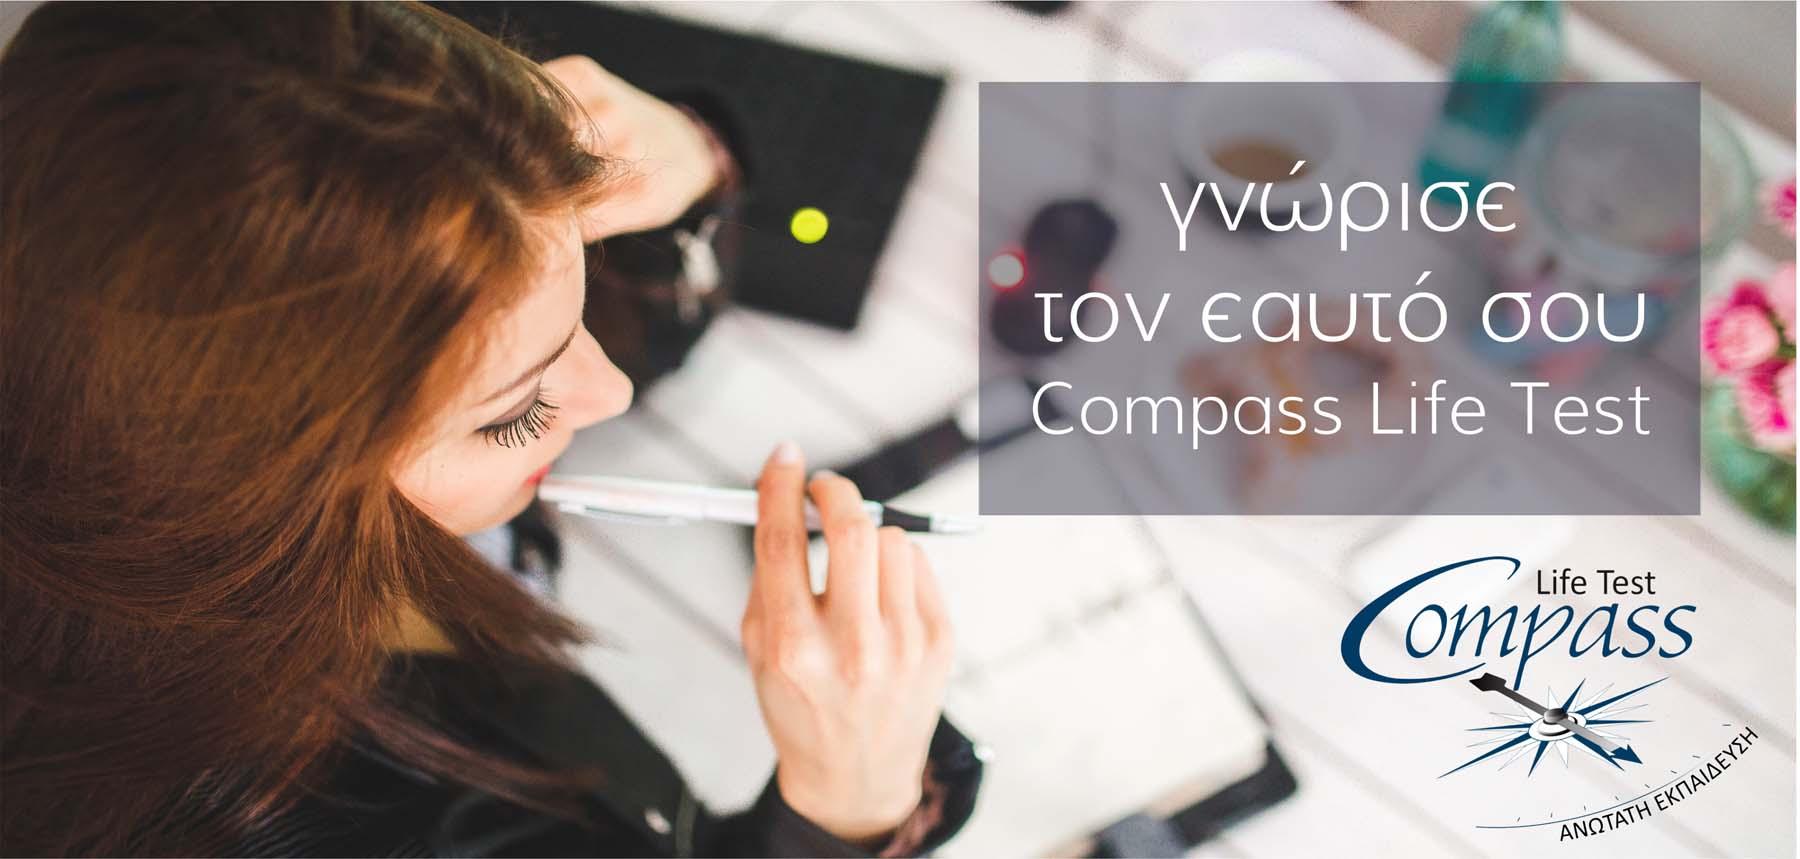 Γνώρισε τον εαυτό σου: Compass life Test